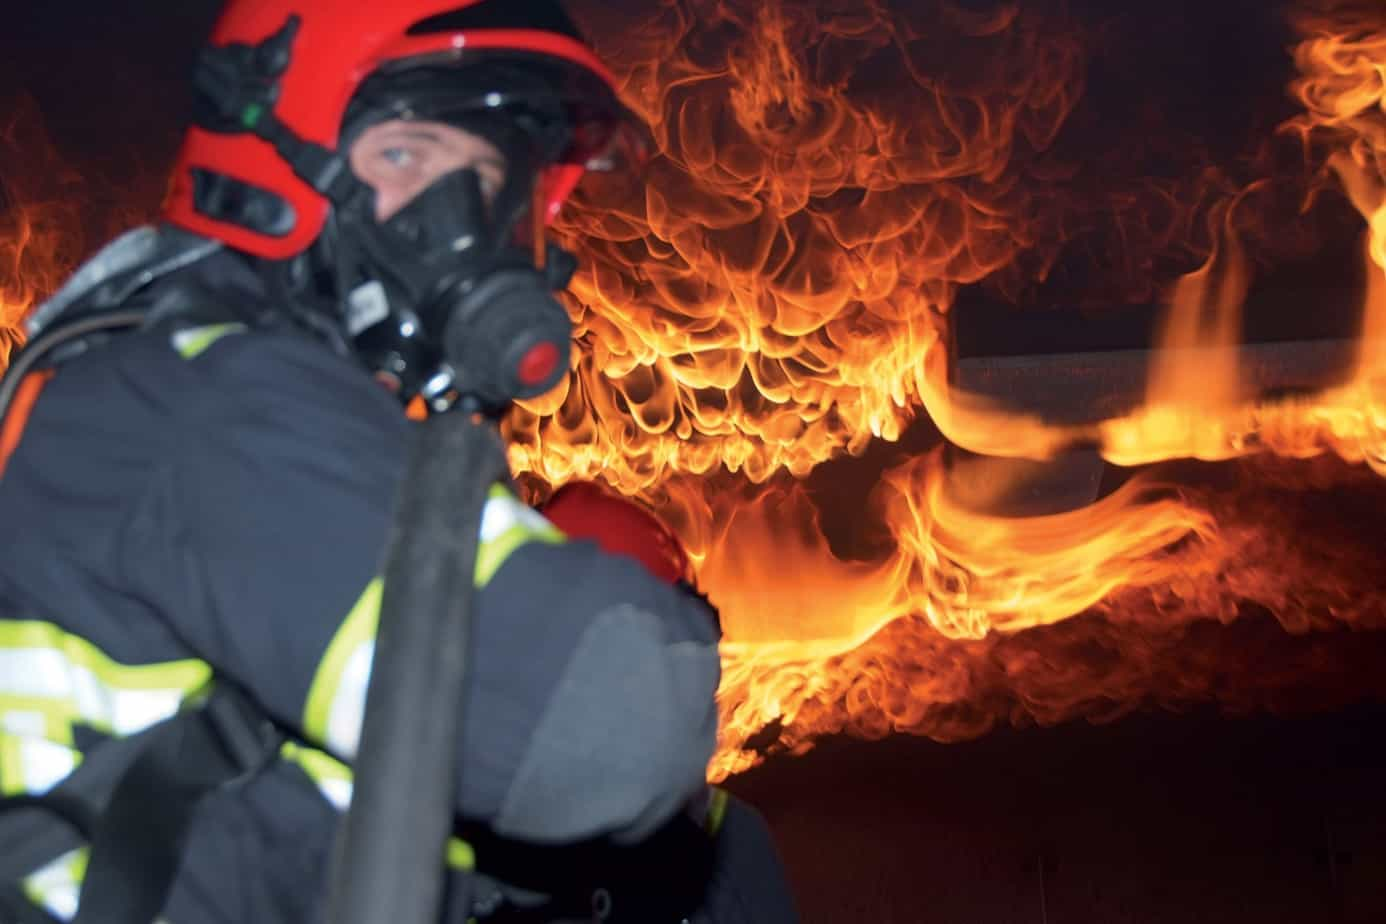 Un'esercitazione nel simulatore antincendio alla base del servizio